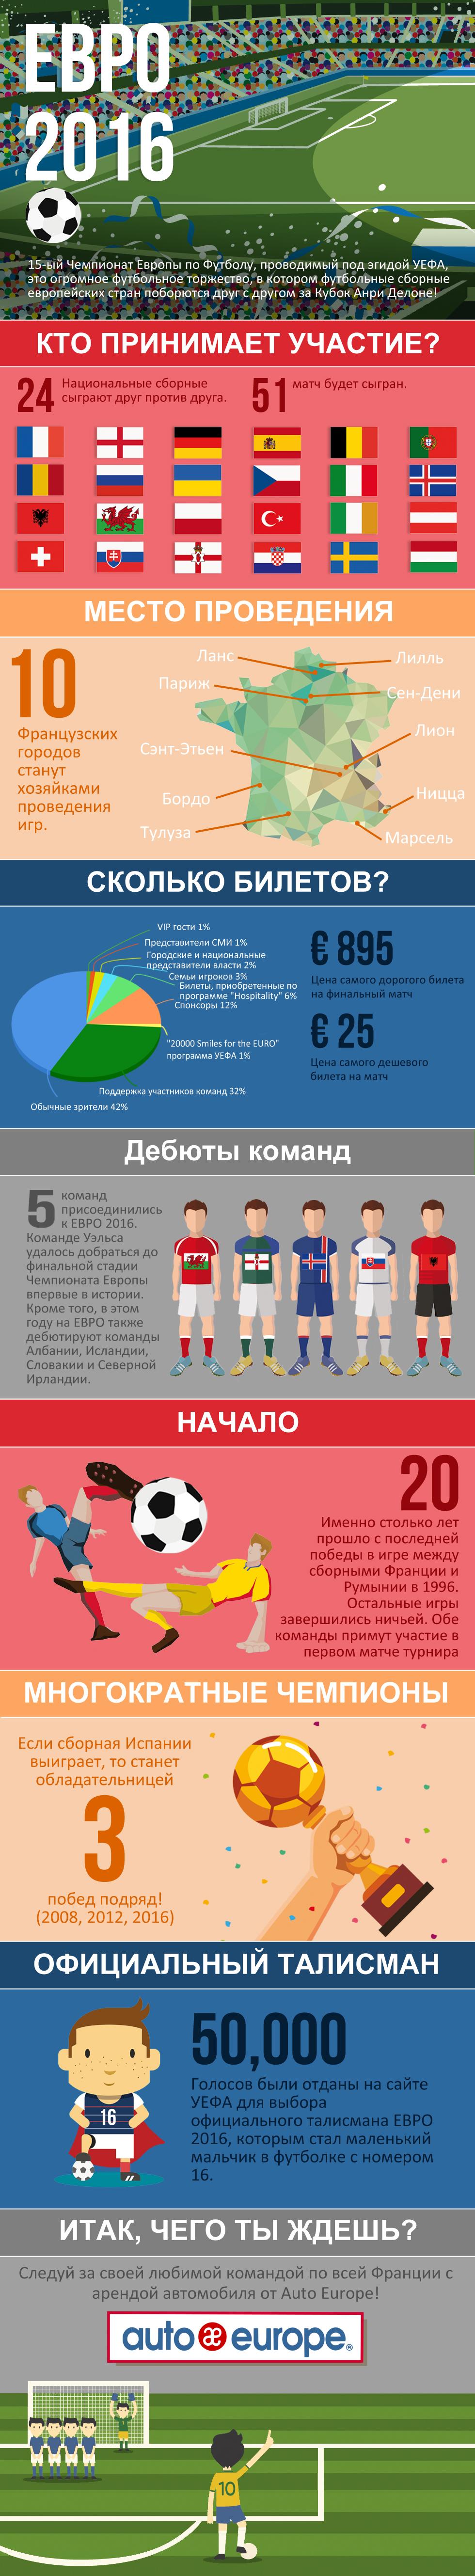 Интересные факты о ЕВРО 2016